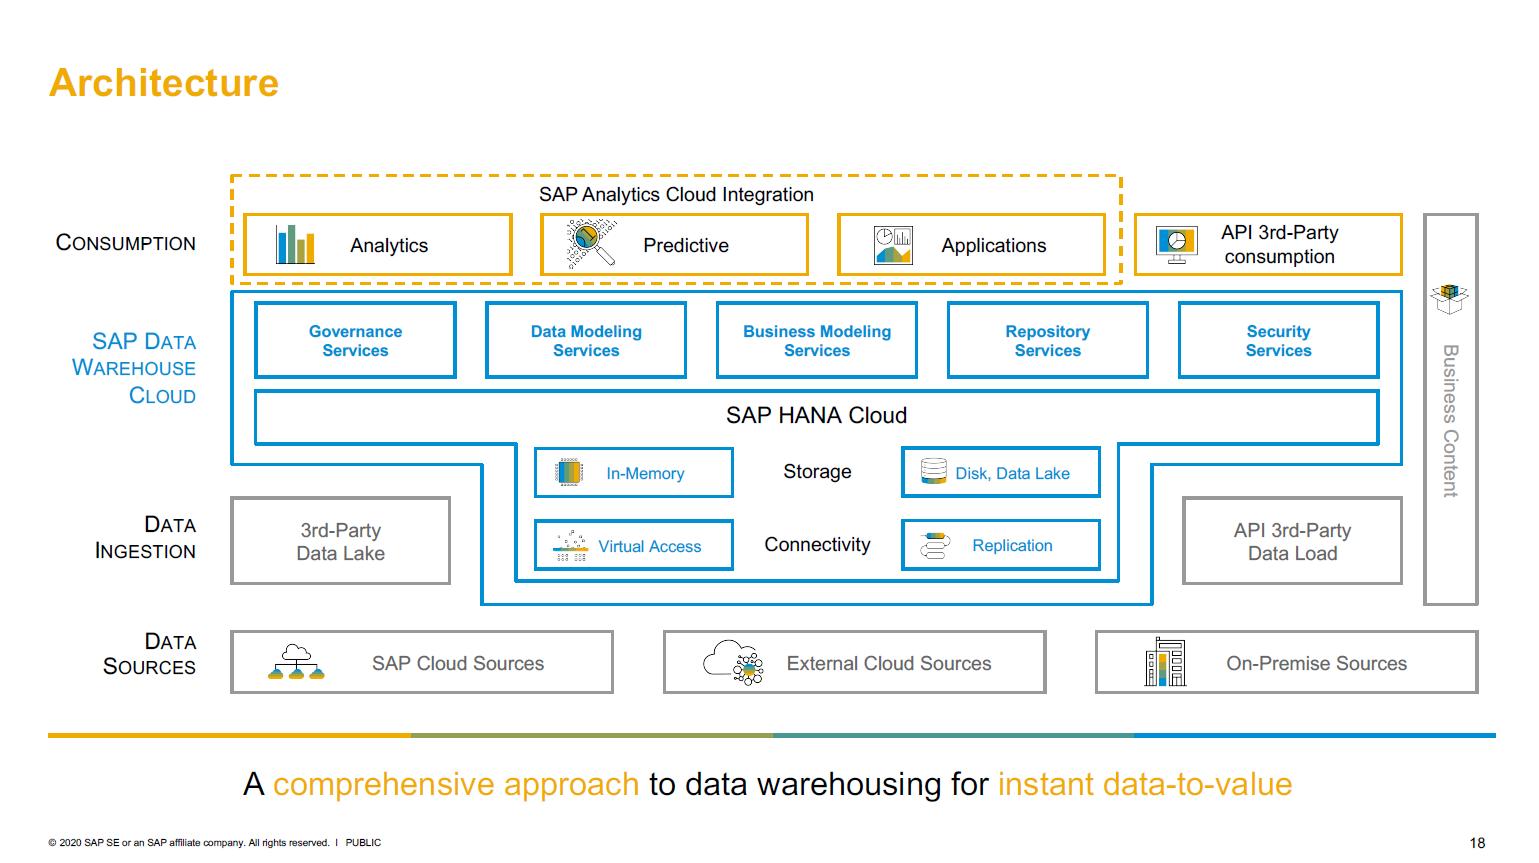 Architektur von SAP Data Warehouse Cloud